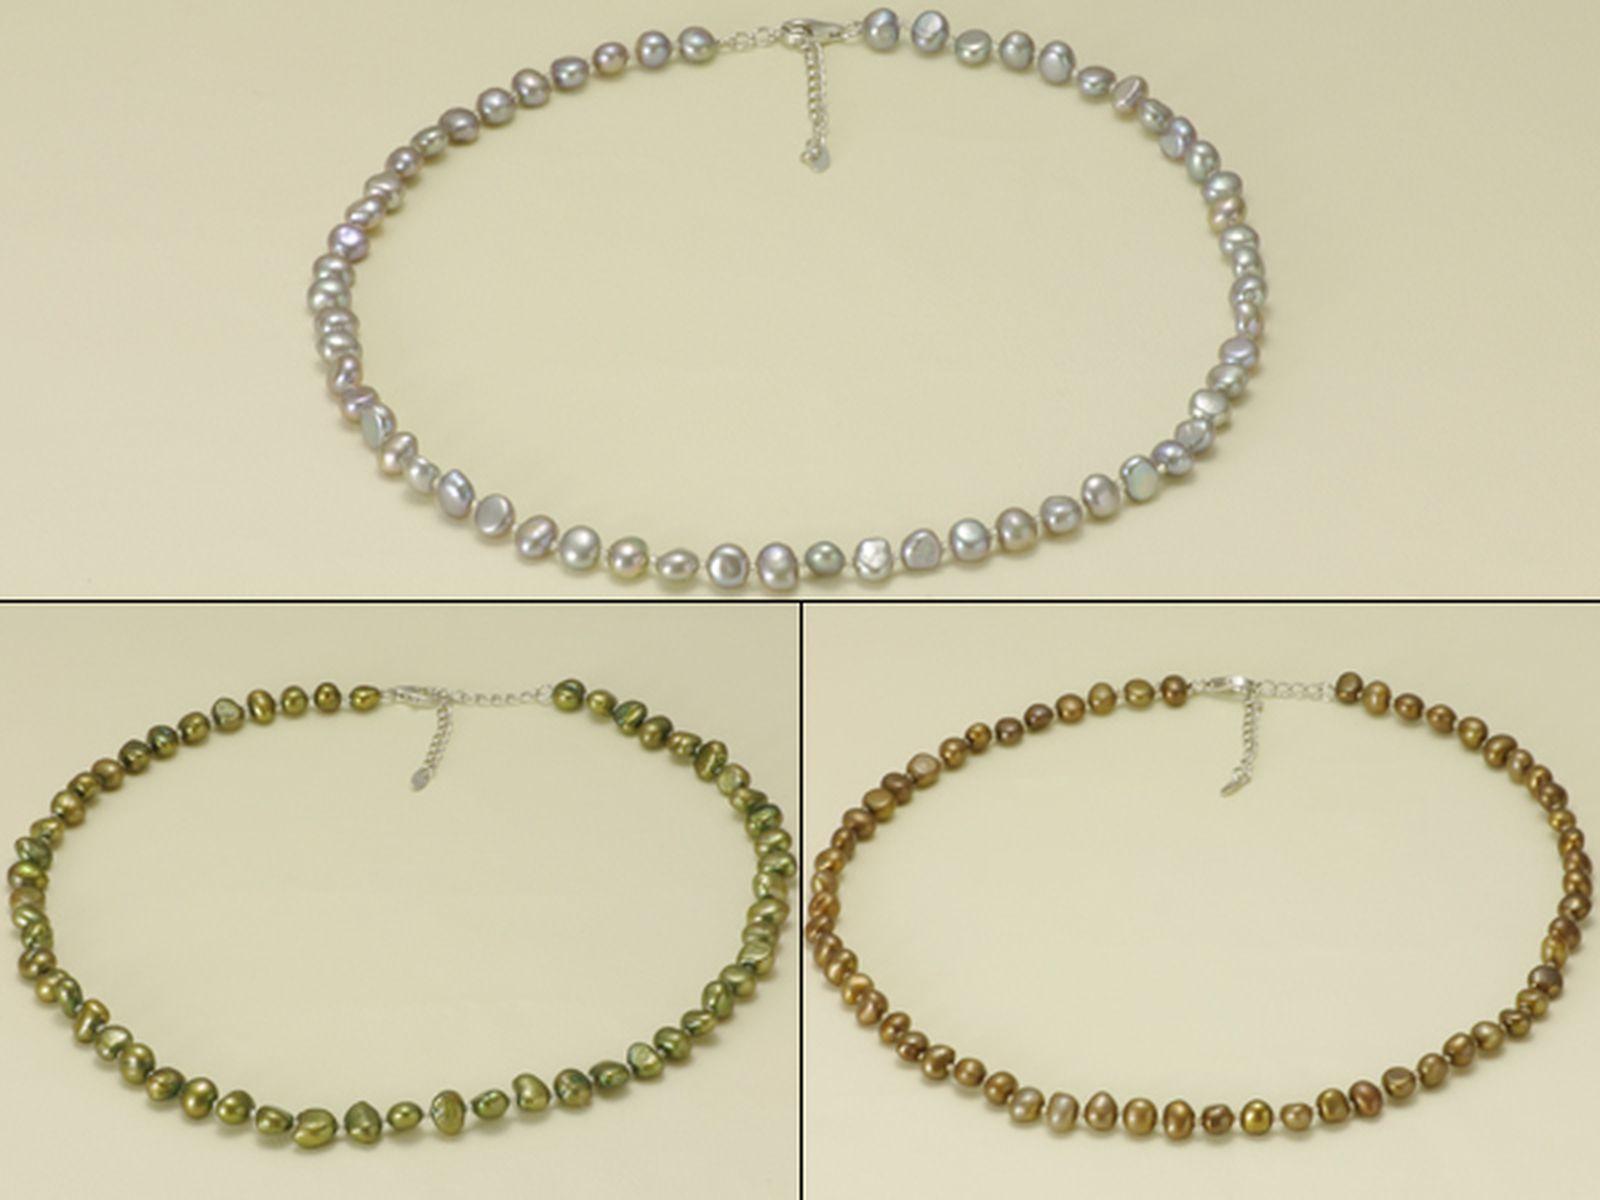 淡水真珠 オリジナル デザイン ネックレス 約6.5-7.5mmの写真